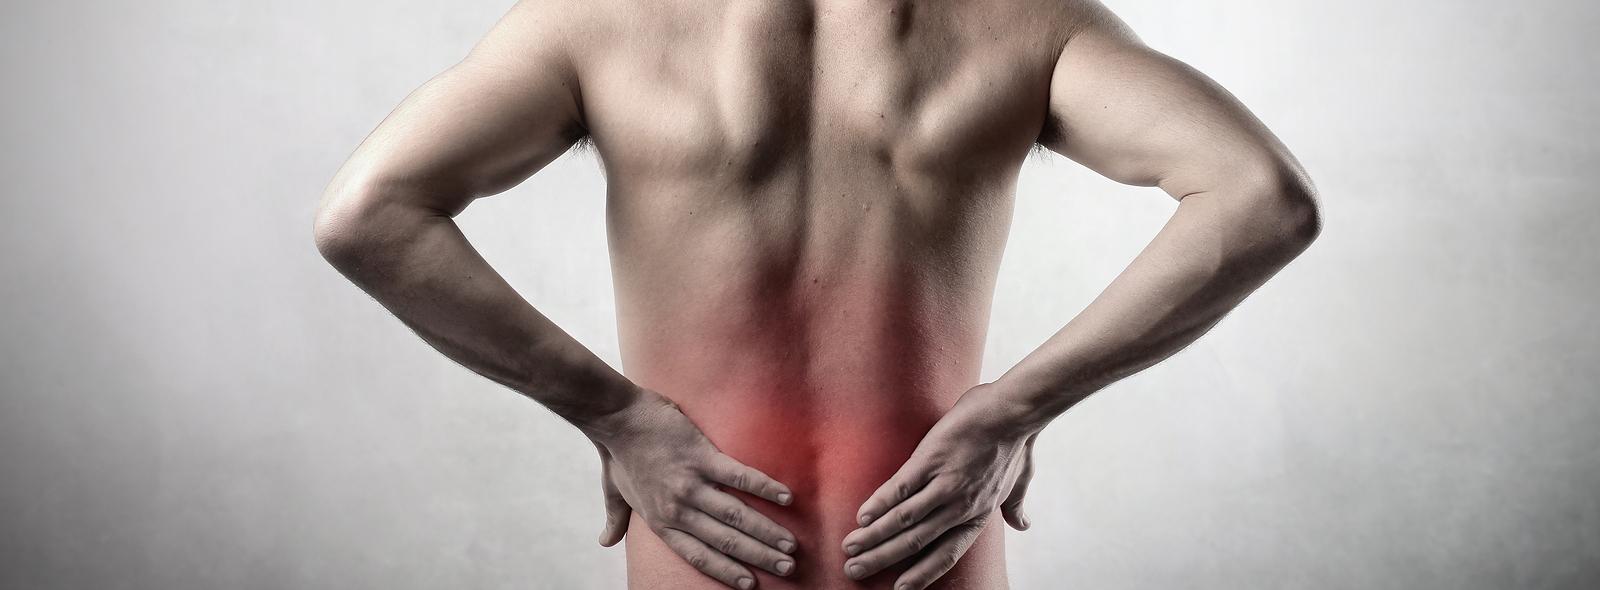 درمان سیاتیک با حرکات یوگا